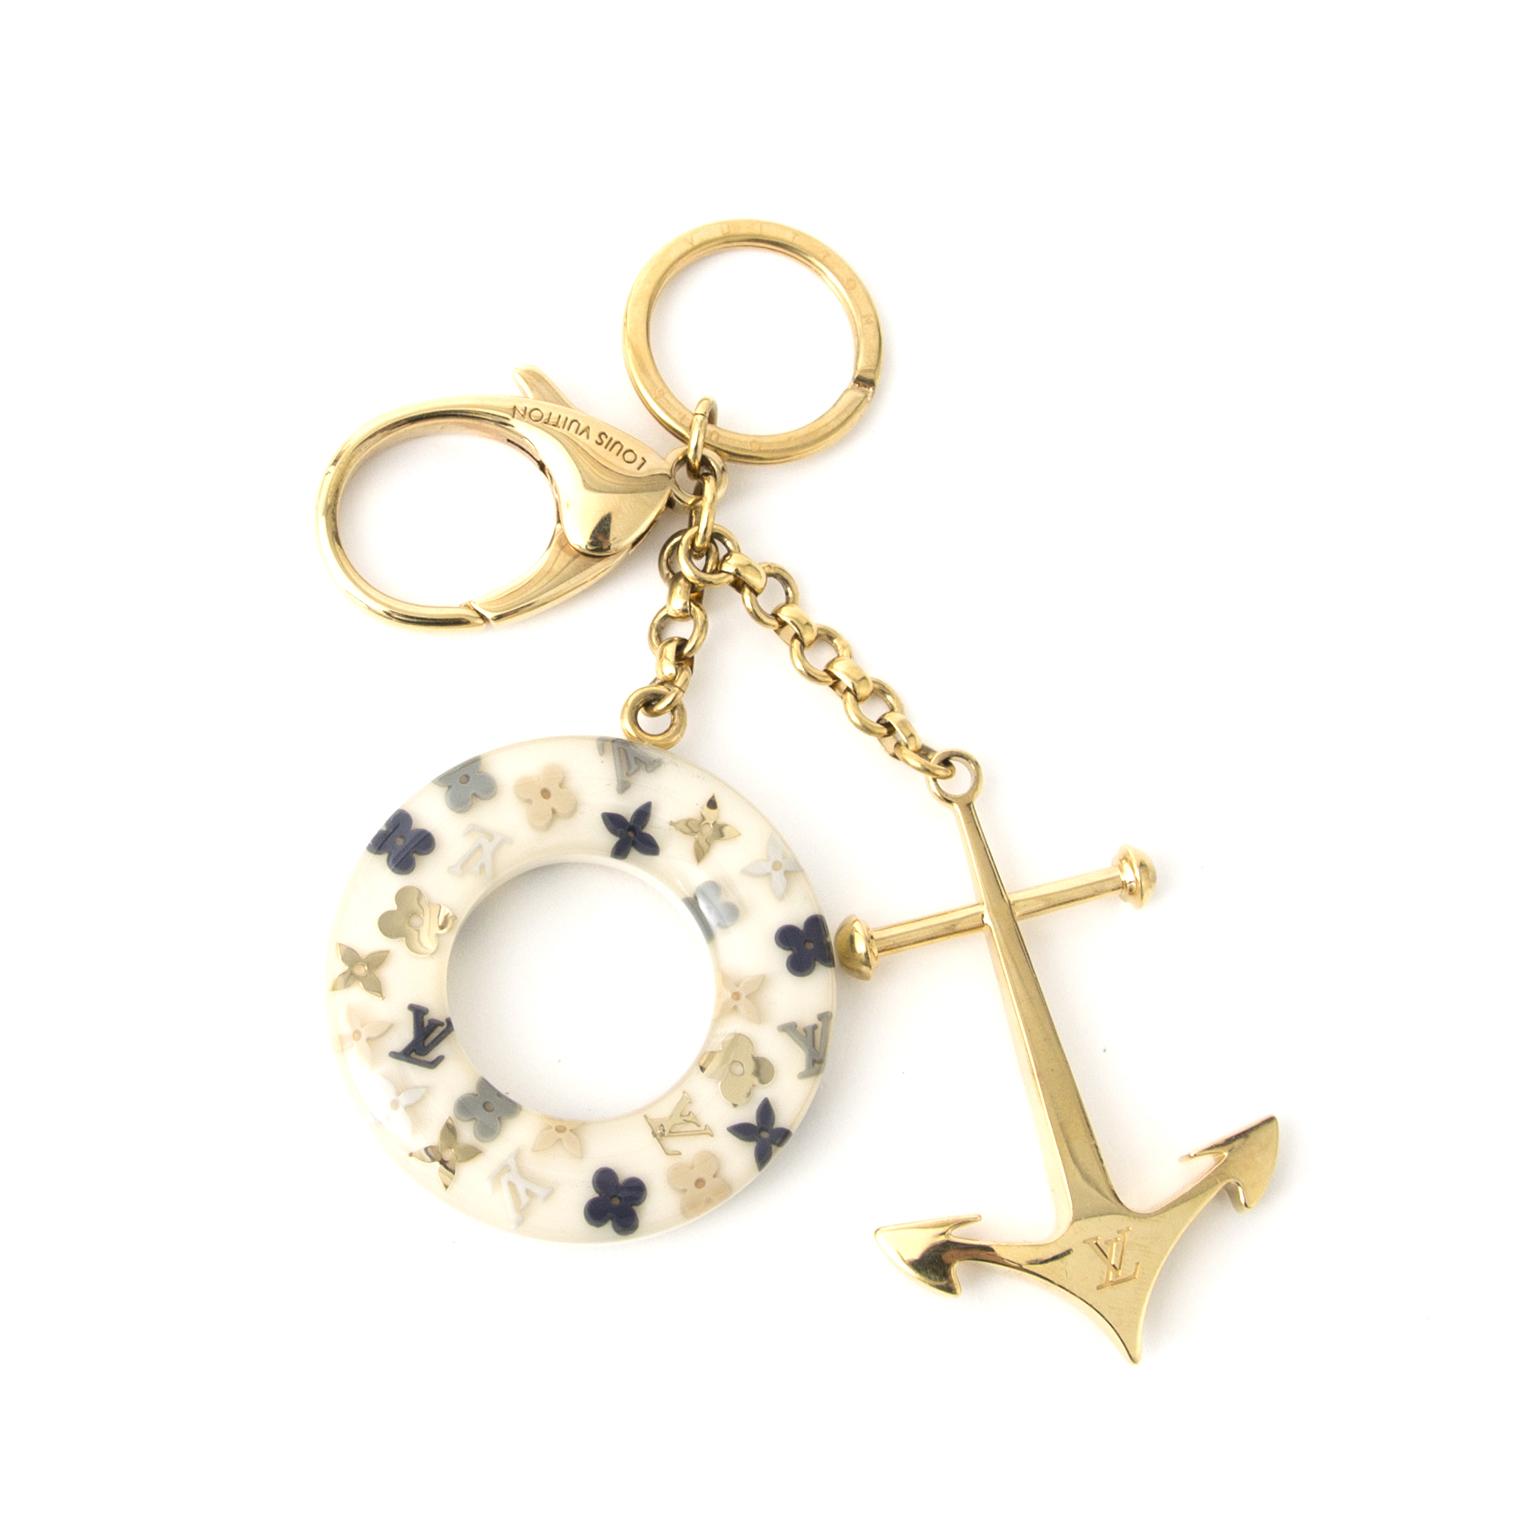 acheter en ligne pour le meilleur prix comme neuf Louis Vuitton Sailor Key Holder/ Charm Anvers, Belgique